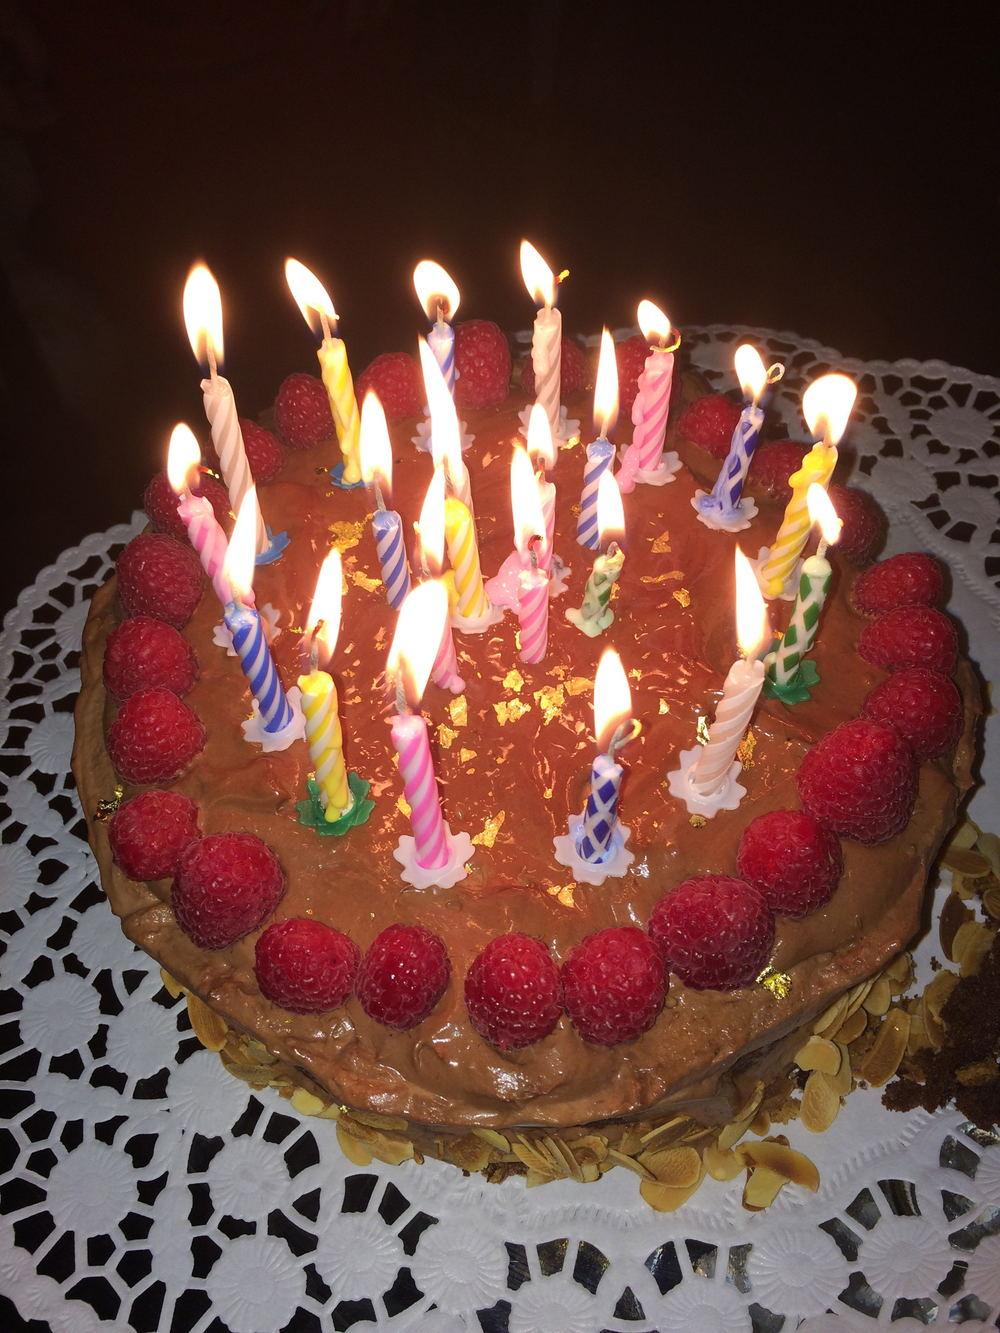 13_Birthday Dinner mit Flavourhouse in Berlin8.jpg